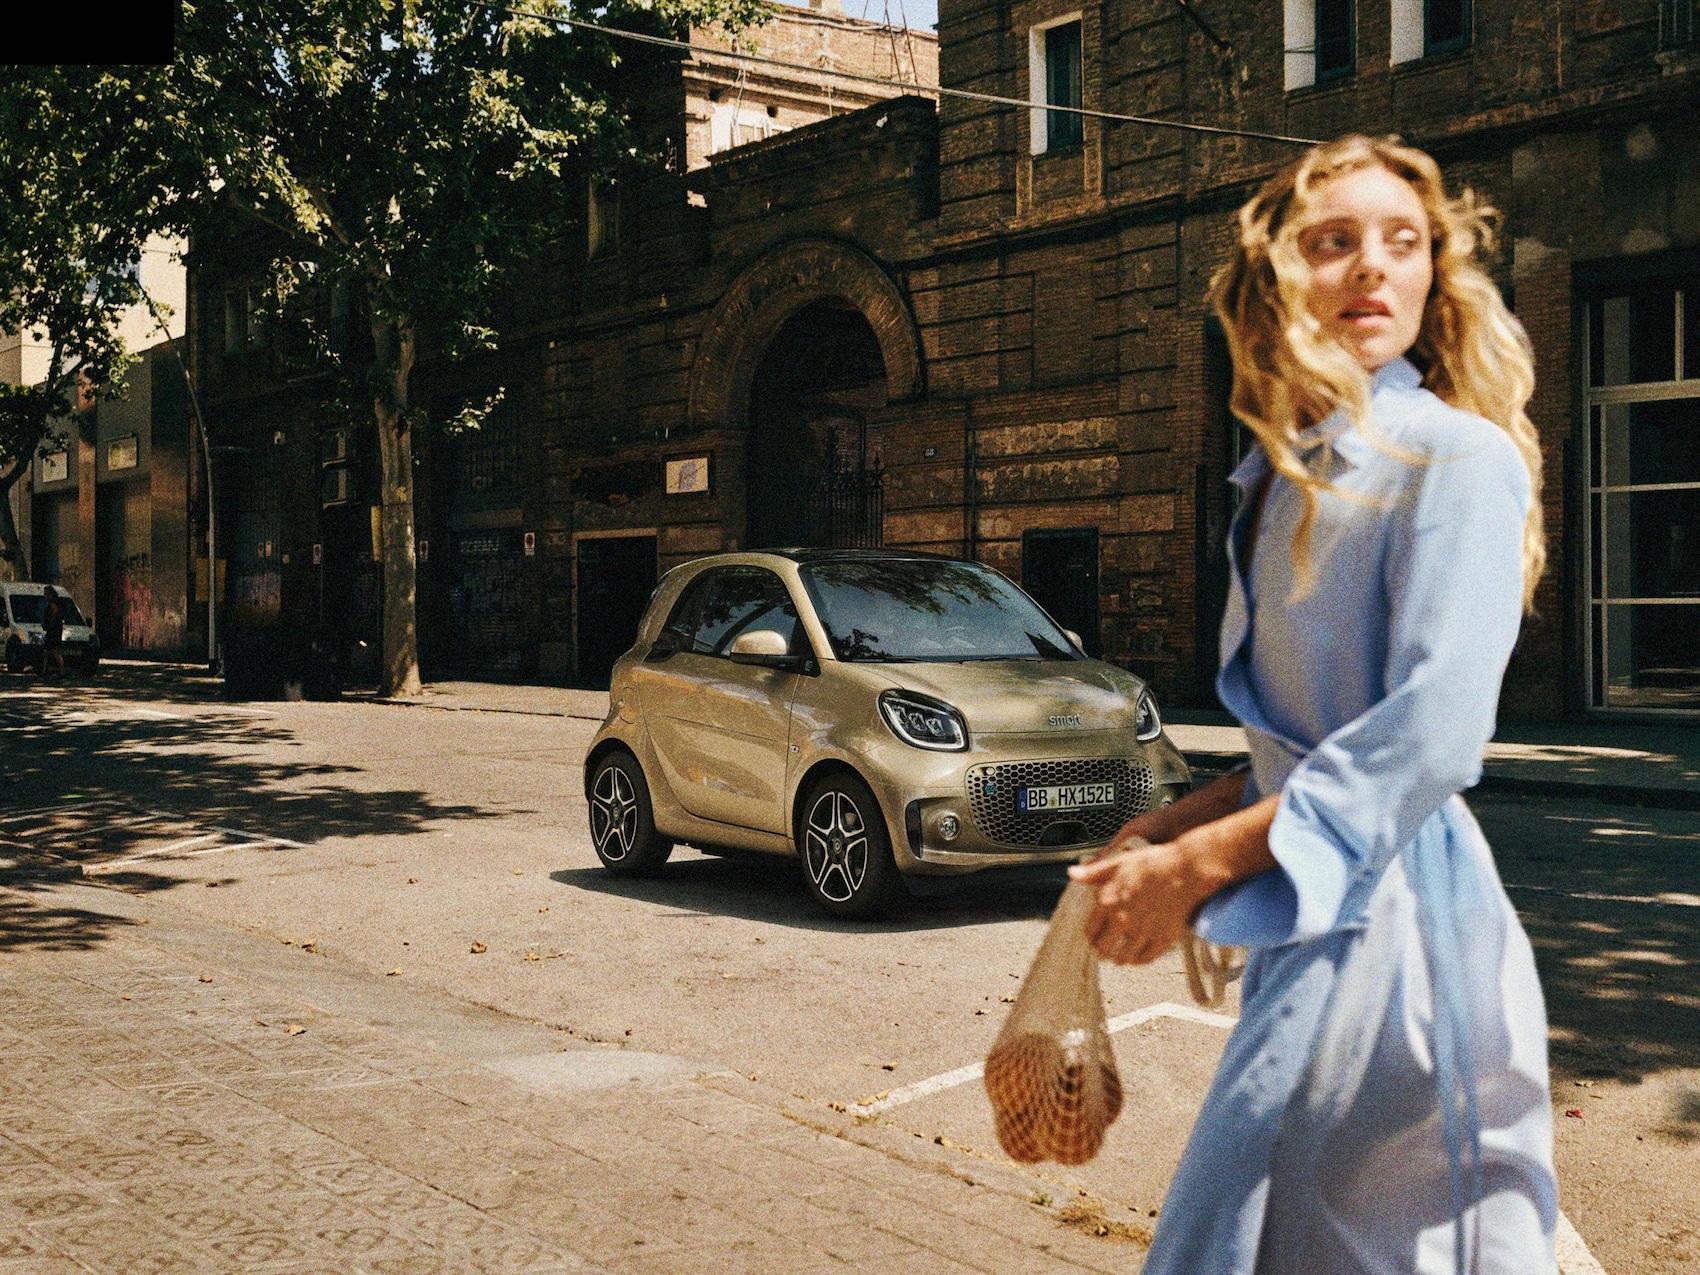 Eine Frau geht an einem auf der Straße fahrenden smart EQ fortwo vorbei